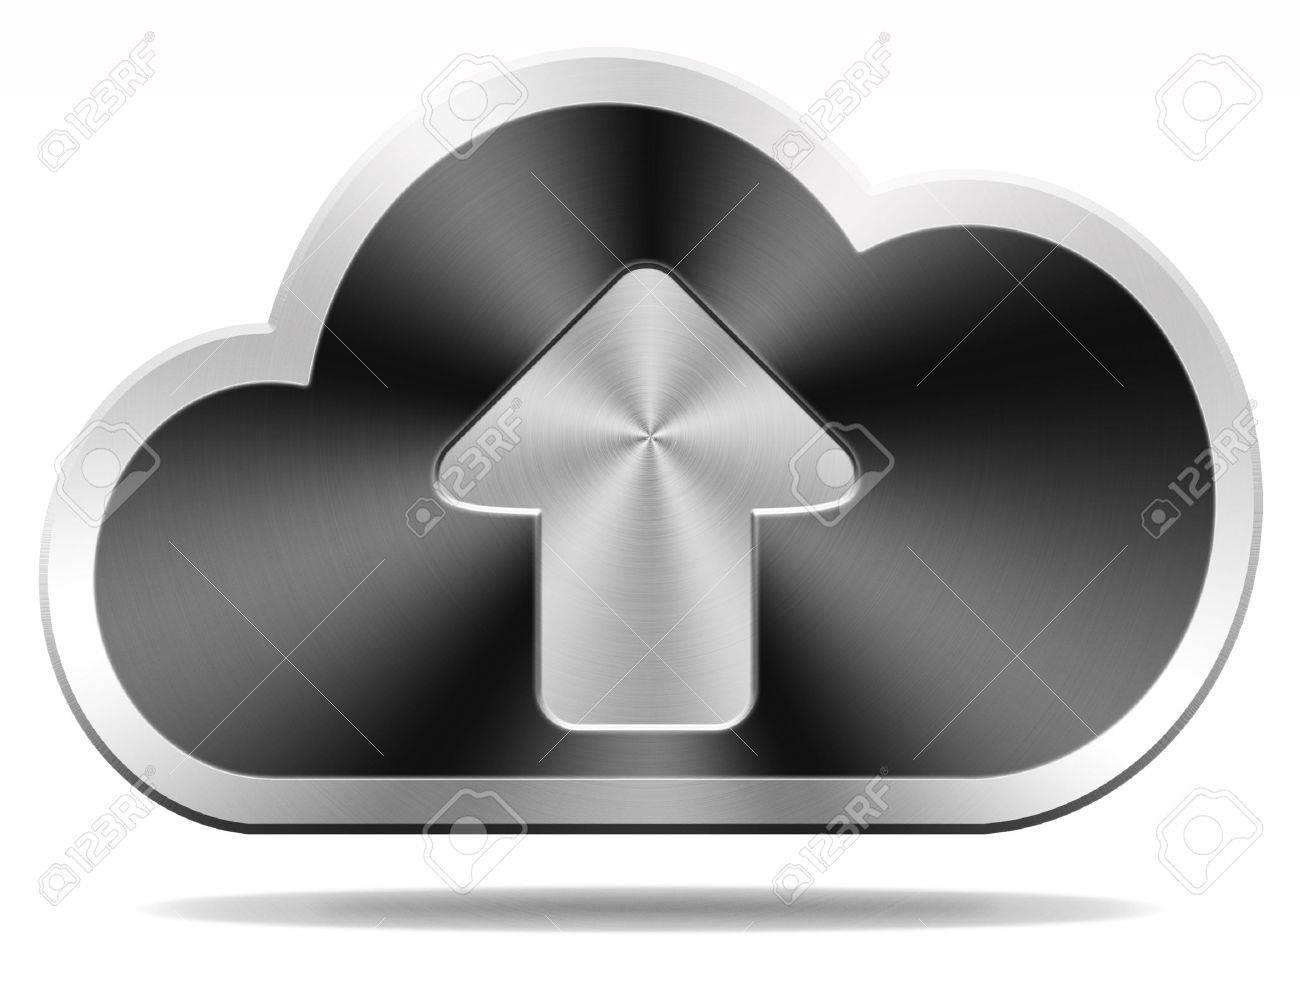 cloud data upload icon uploading file document photo music or